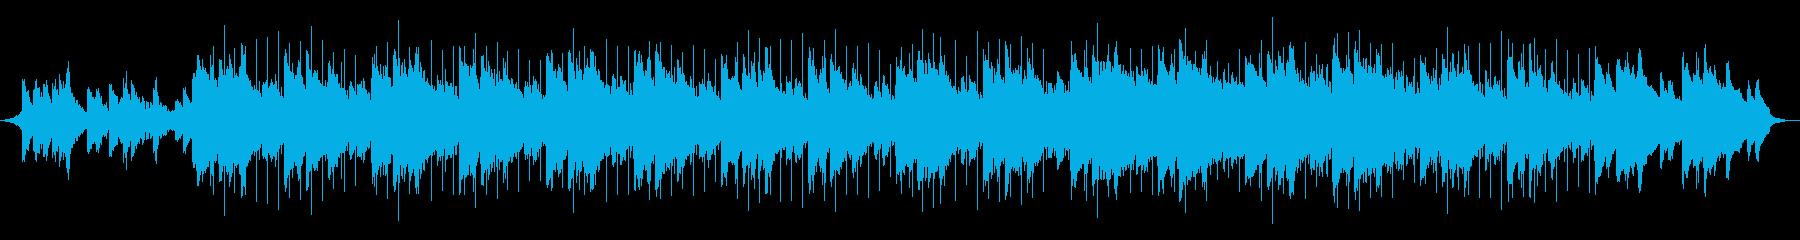 ゆったりと落ち着いたピアノのコーポレートの再生済みの波形